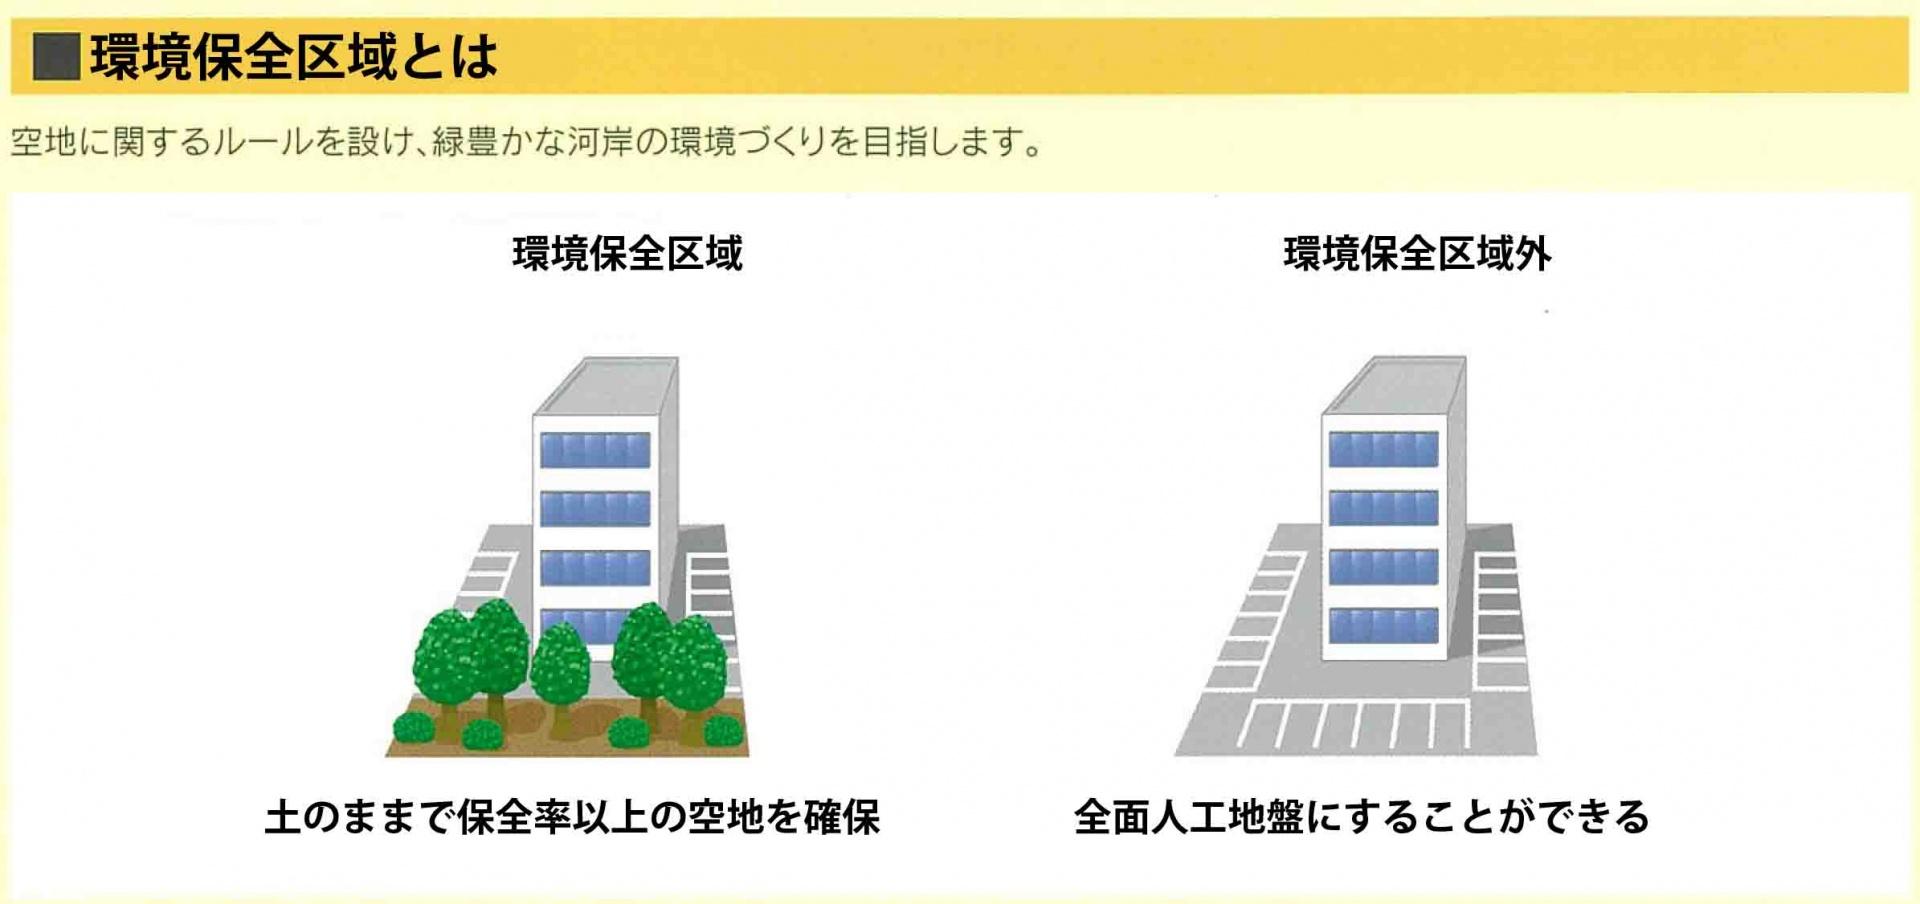 図2 環境保全区域とそうでない区域の違い